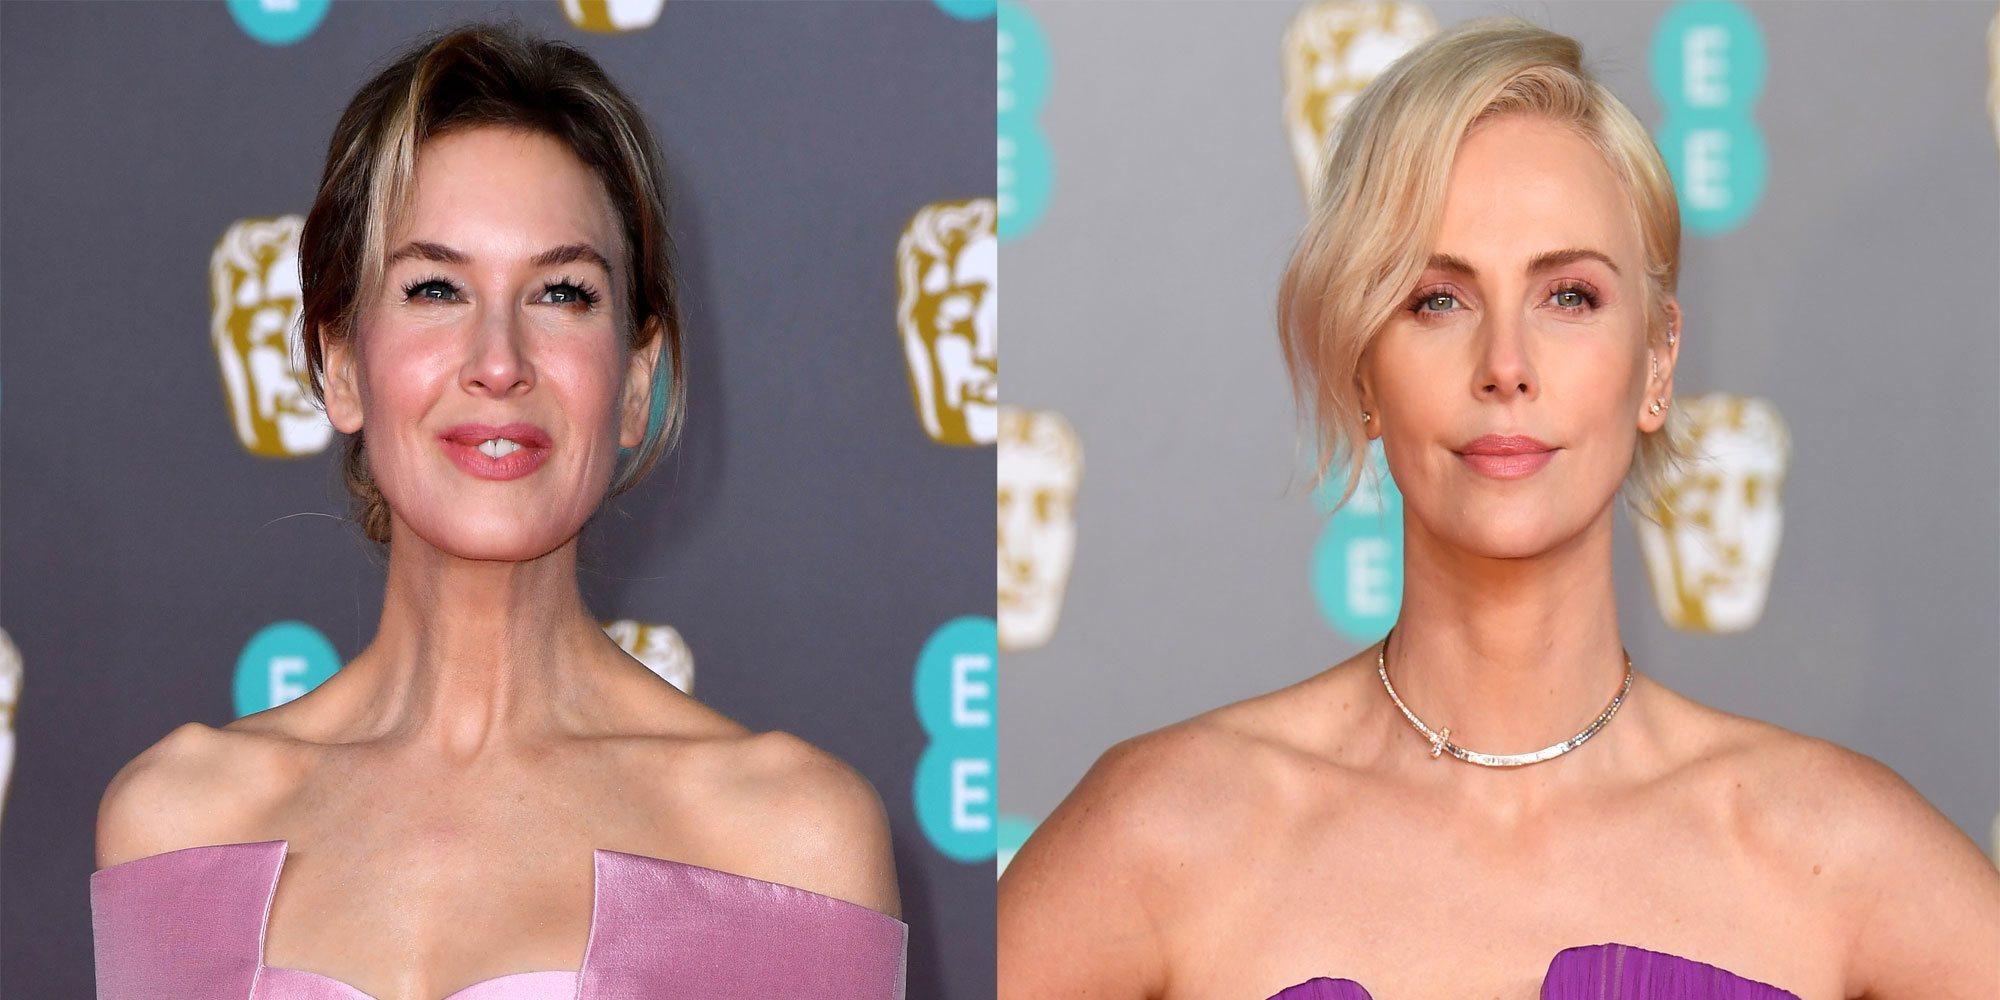 Renée Zellweger o Charlize Theron brillan con luz propia en la alfombra roja de los Premios BAFTA 2020